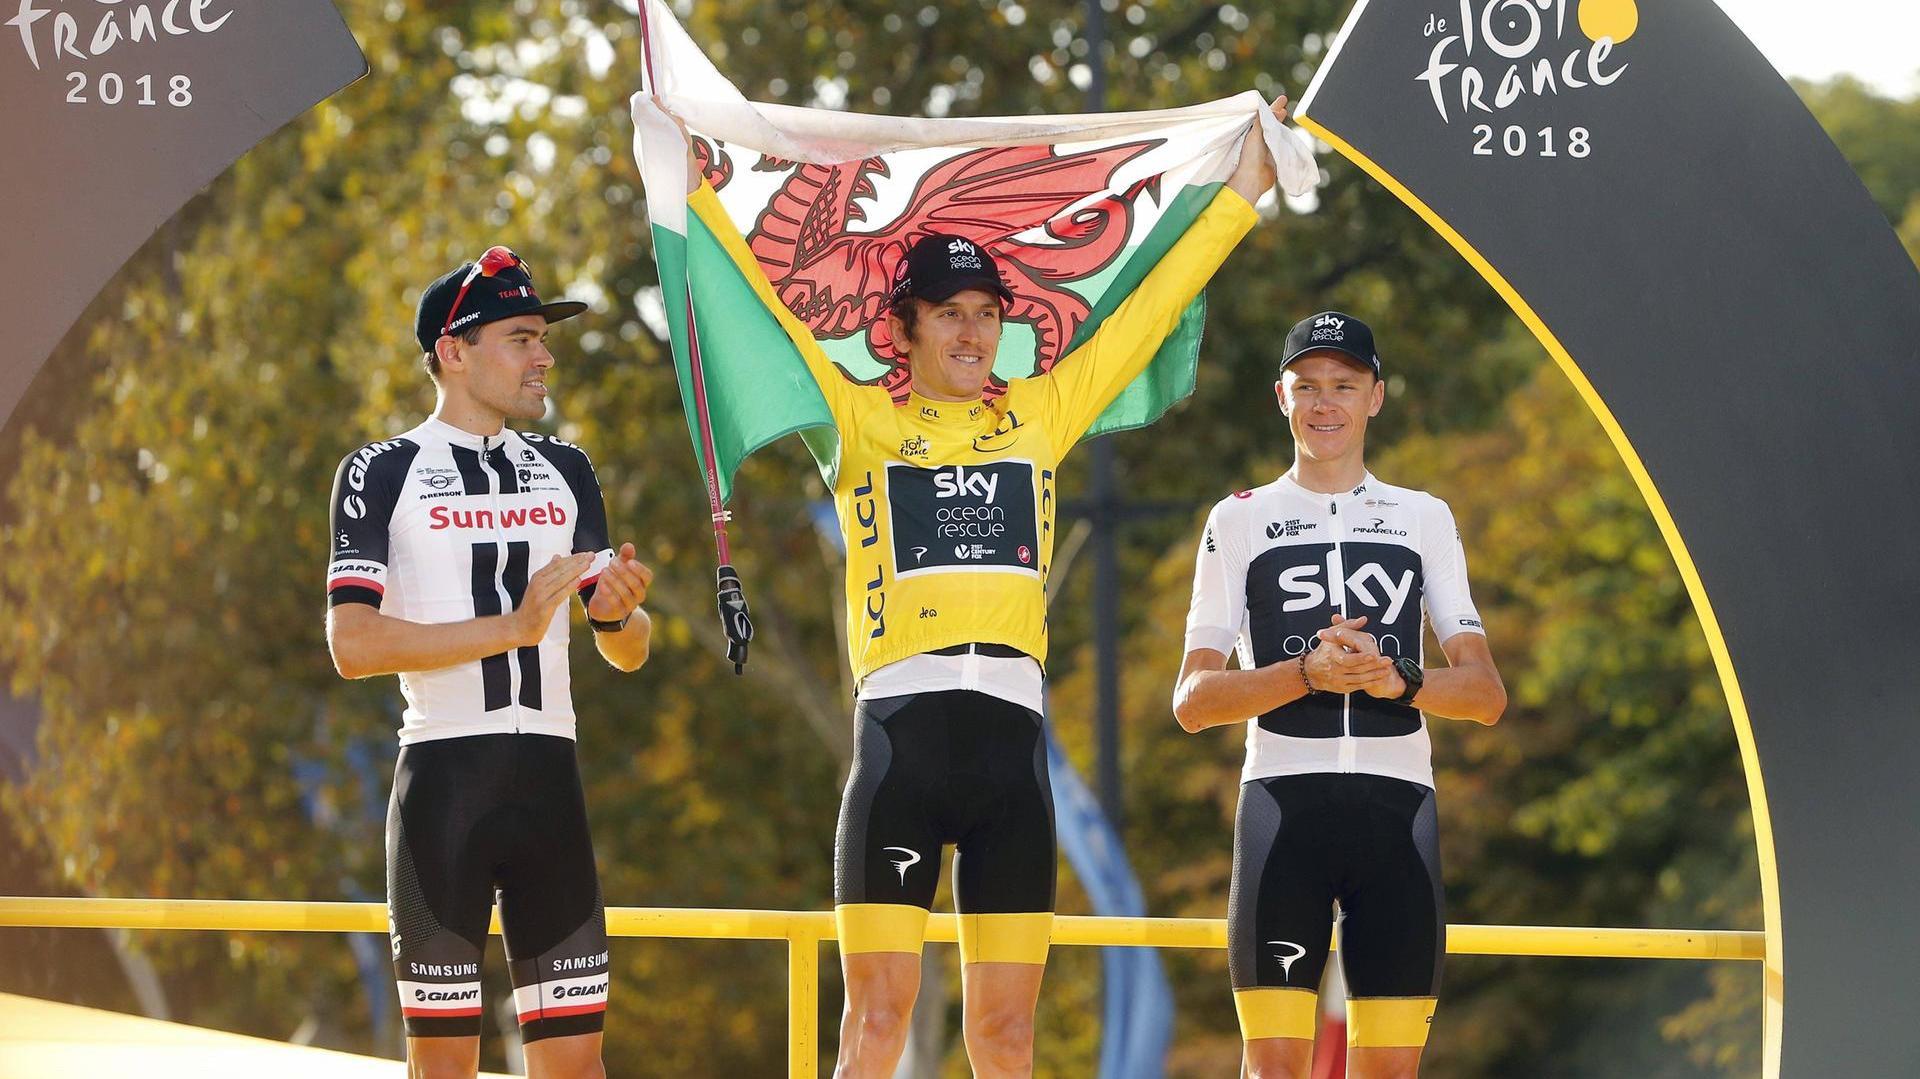 Favorieten gele trui Tour de France 2018